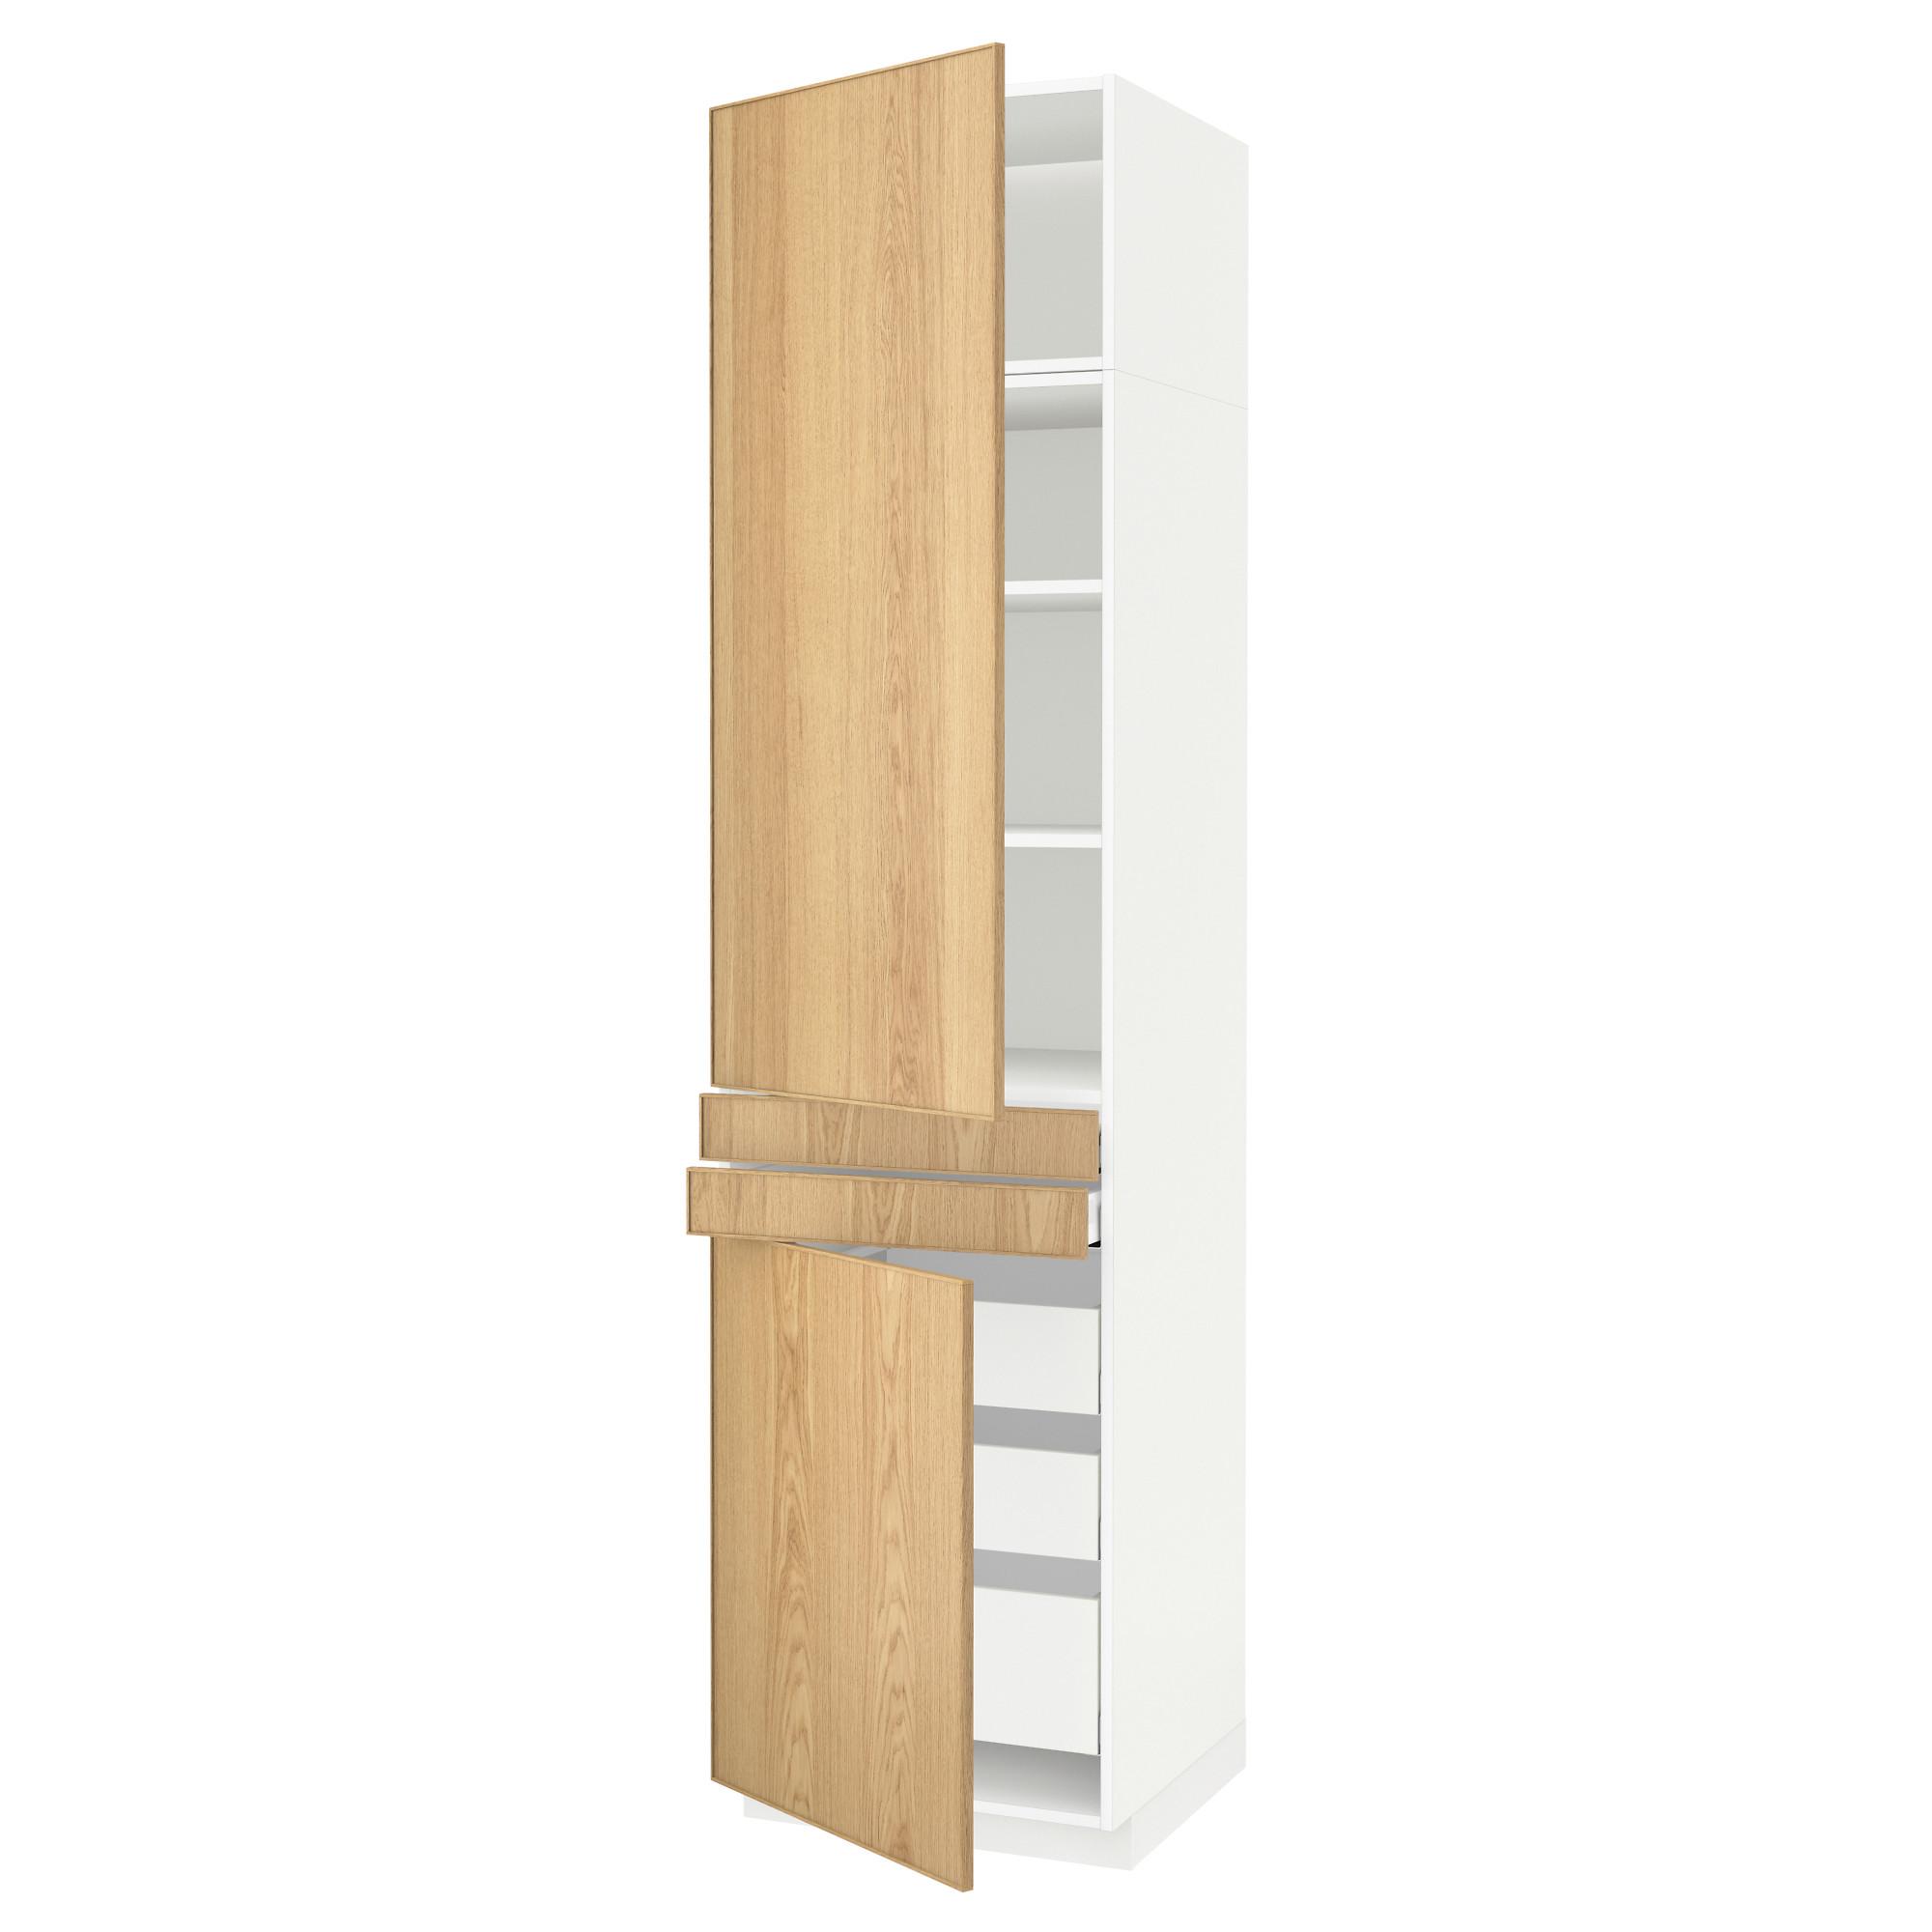 Высокий шкаф + полки, 5 ящиков, 2 дверцы, 2 фронтальных МЕТОД / МАКСИМЕРА белый артикуль № 592.364.83 в наличии. Онлайн сайт ИКЕА Минск. Недорогая доставка и соборка.